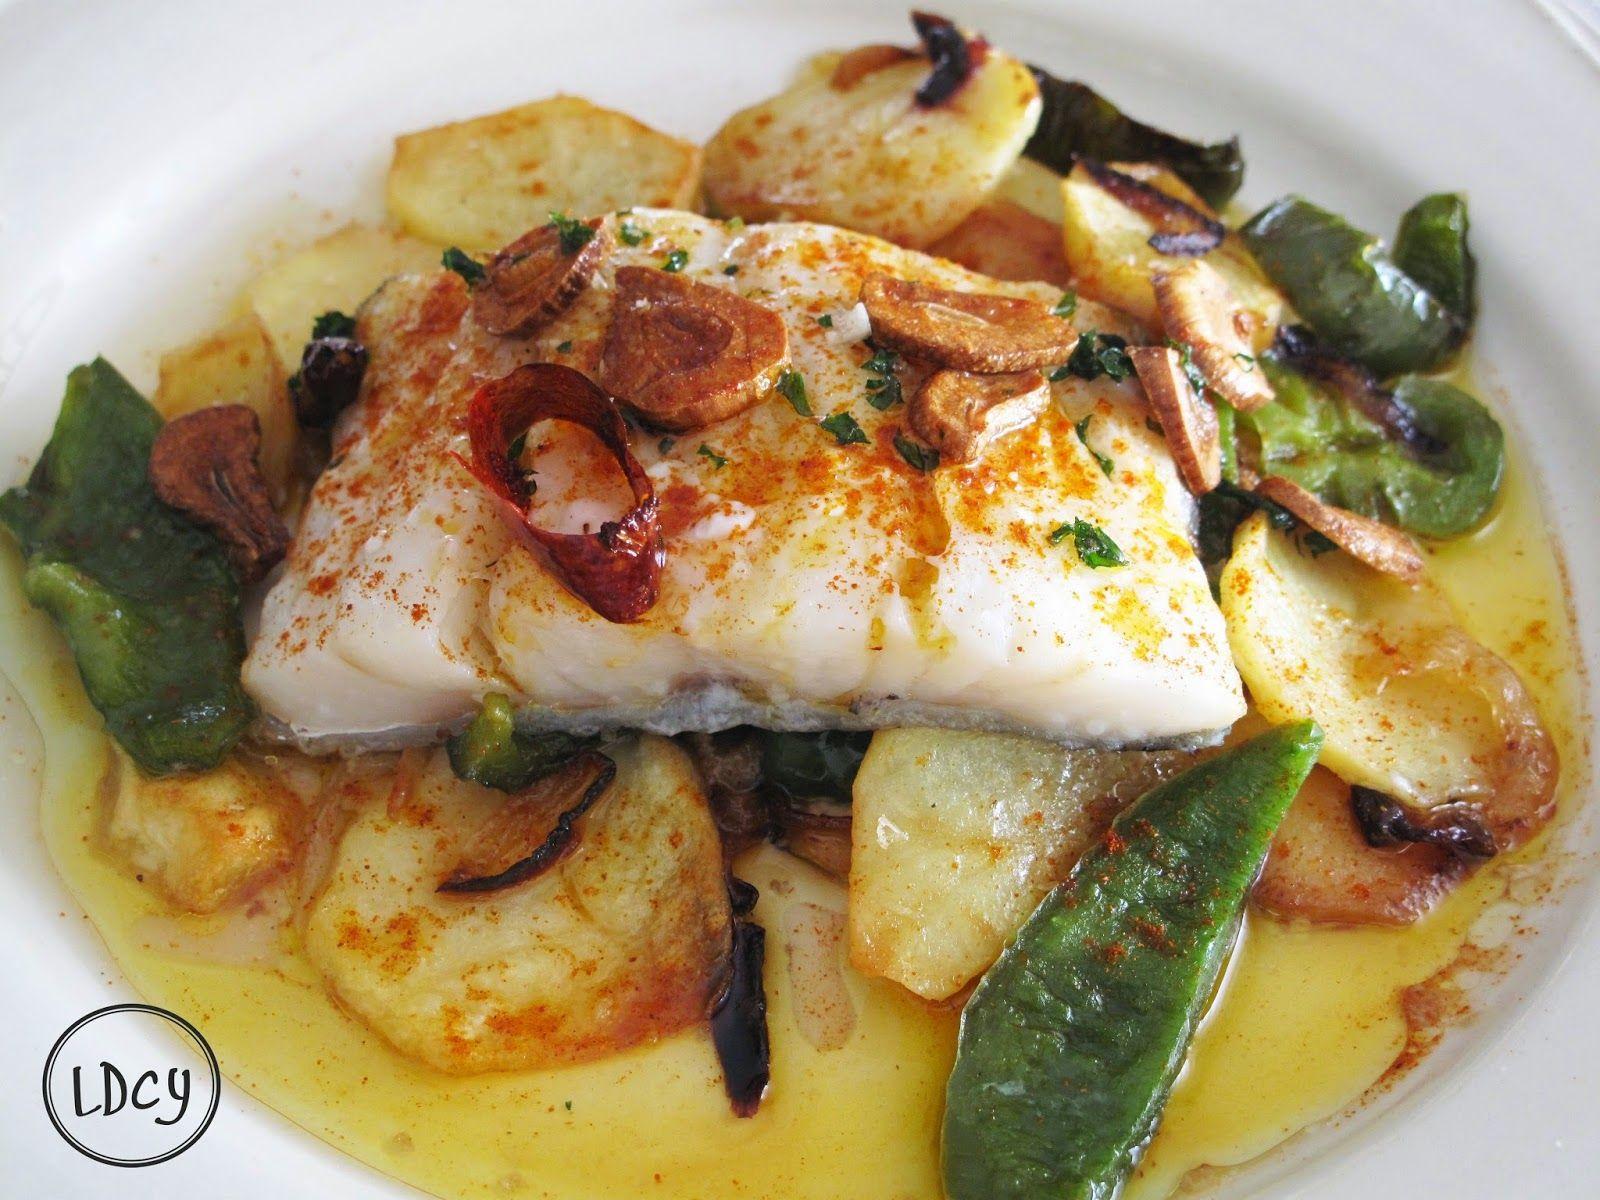 Bacalao al horno con patatas cebolla y pimientos verdes - Bacalao con garbanzos y patatas ...